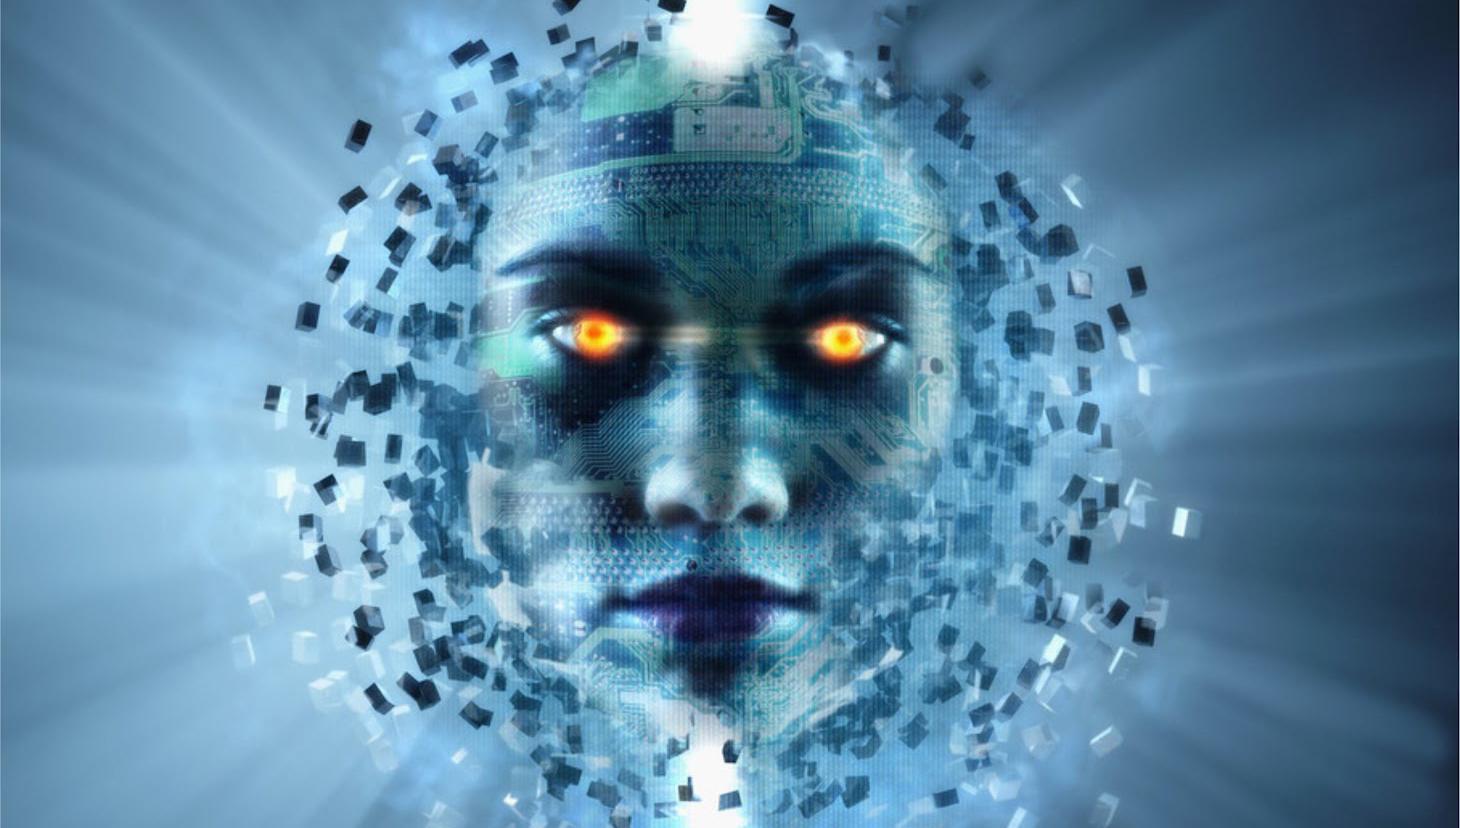 13498_SFONDO_speciale_intelligenza_artificiale_0